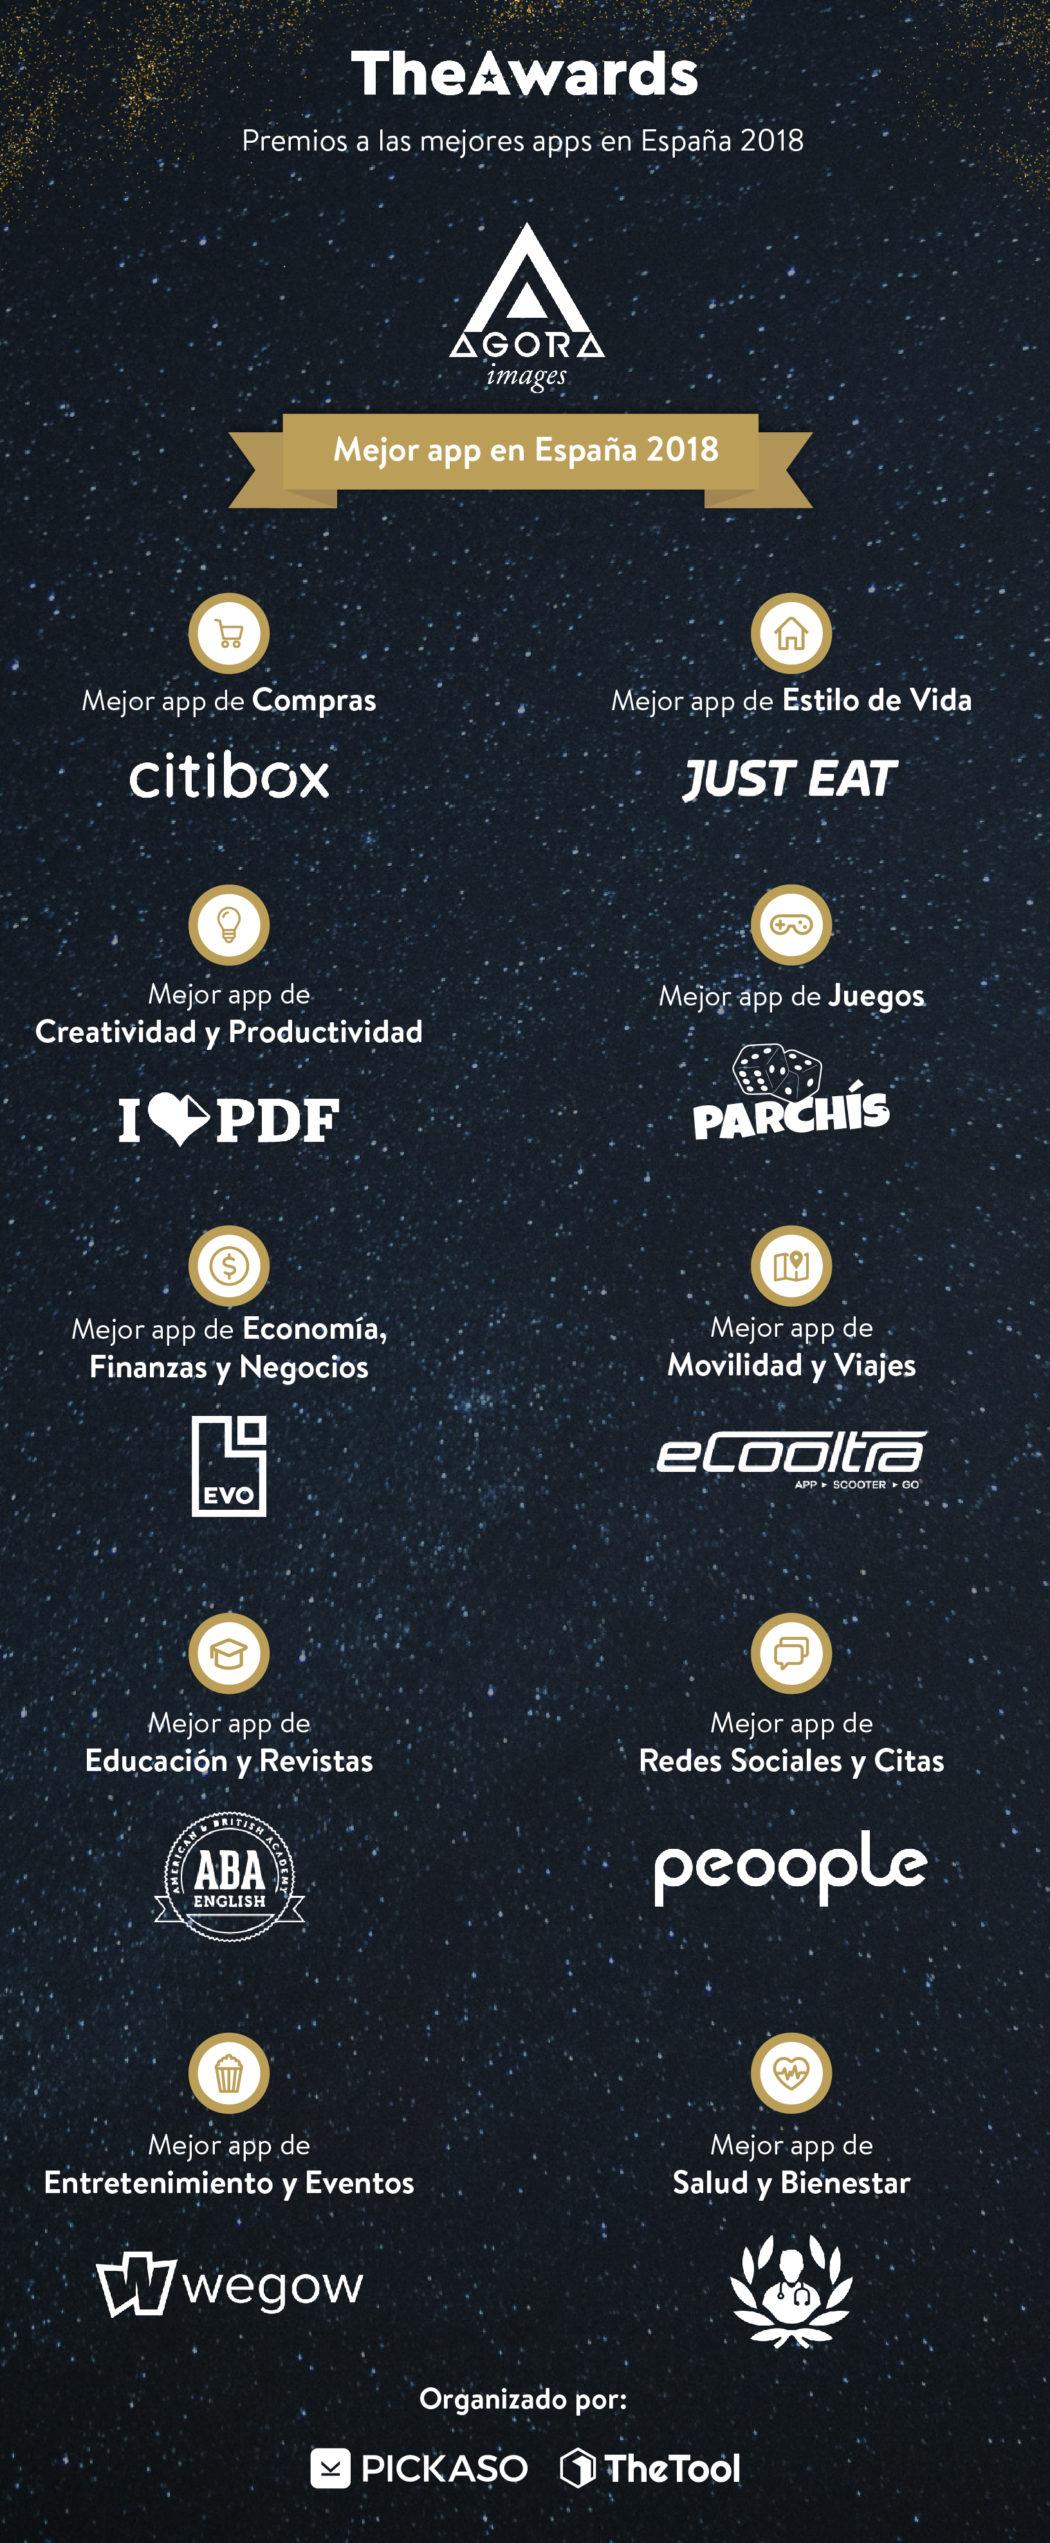 InfografíaTheAwards 2018: Estas son las mejores aplicaciones móviles y juegos en España de 2018